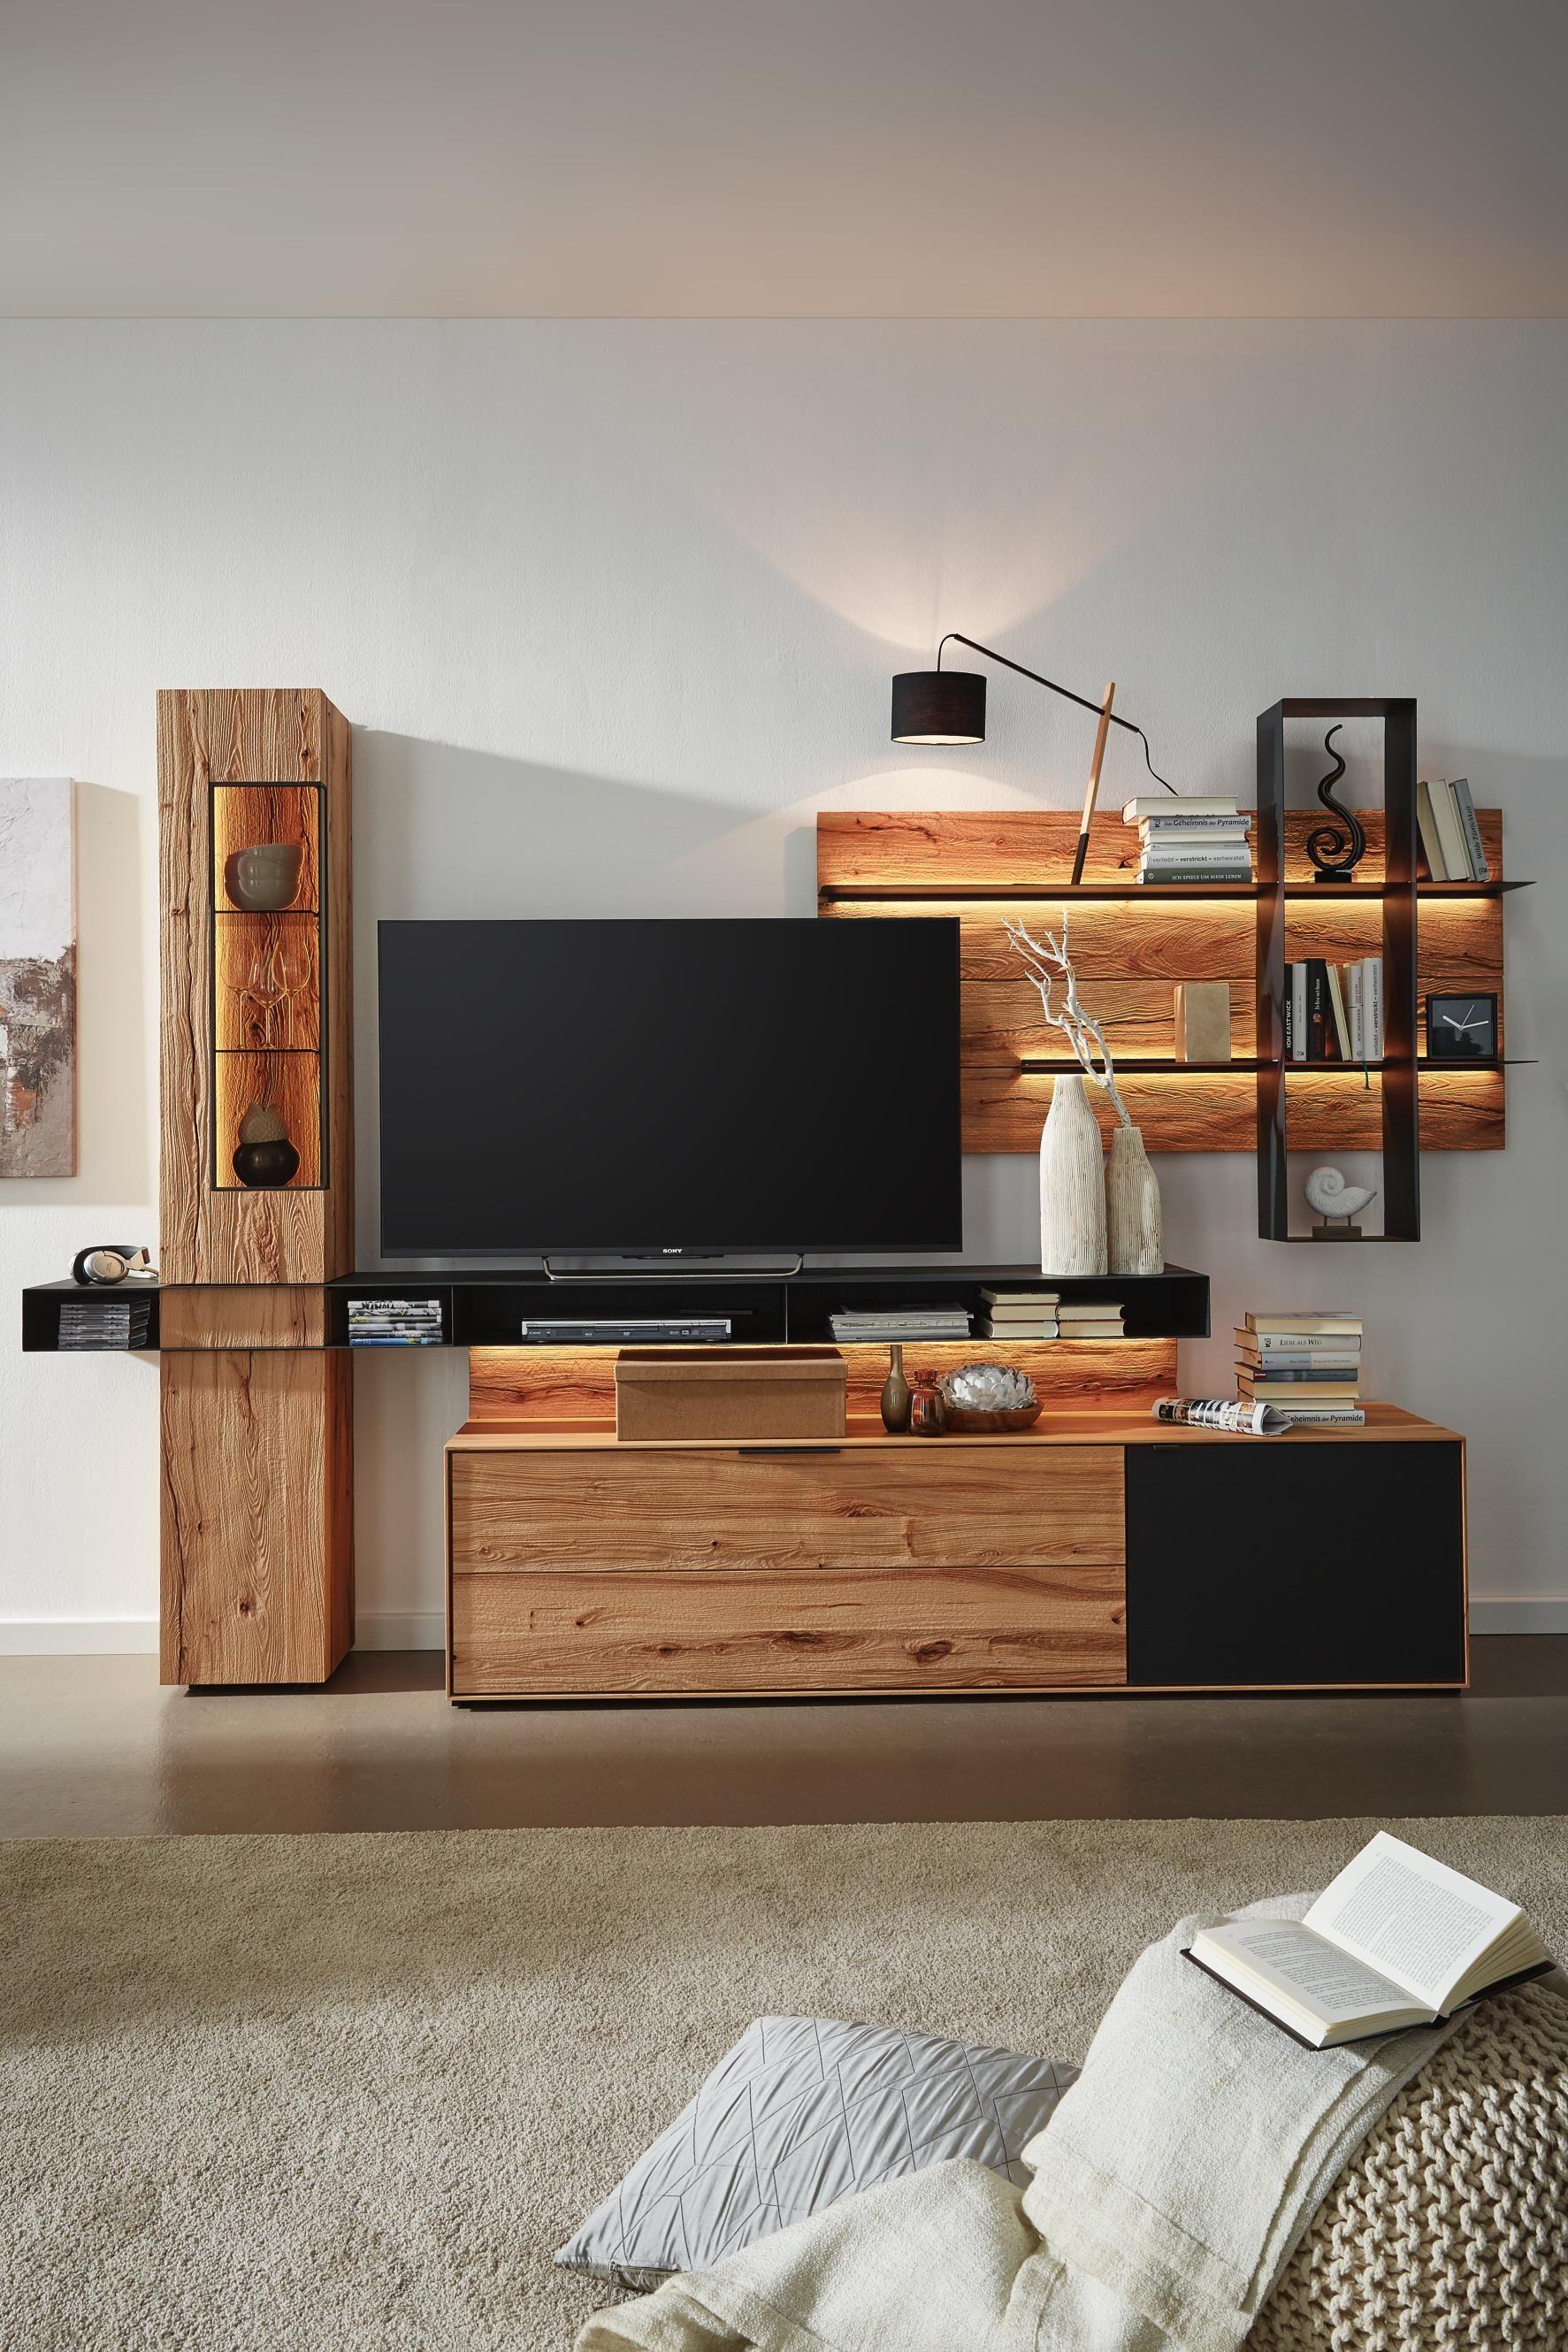 Wohnwand In Valnatura Markenqualitat Fur Ihr Perfektes Wohnambiente Wohnen Wohnzimmerschranke Haus Innenarchitektur